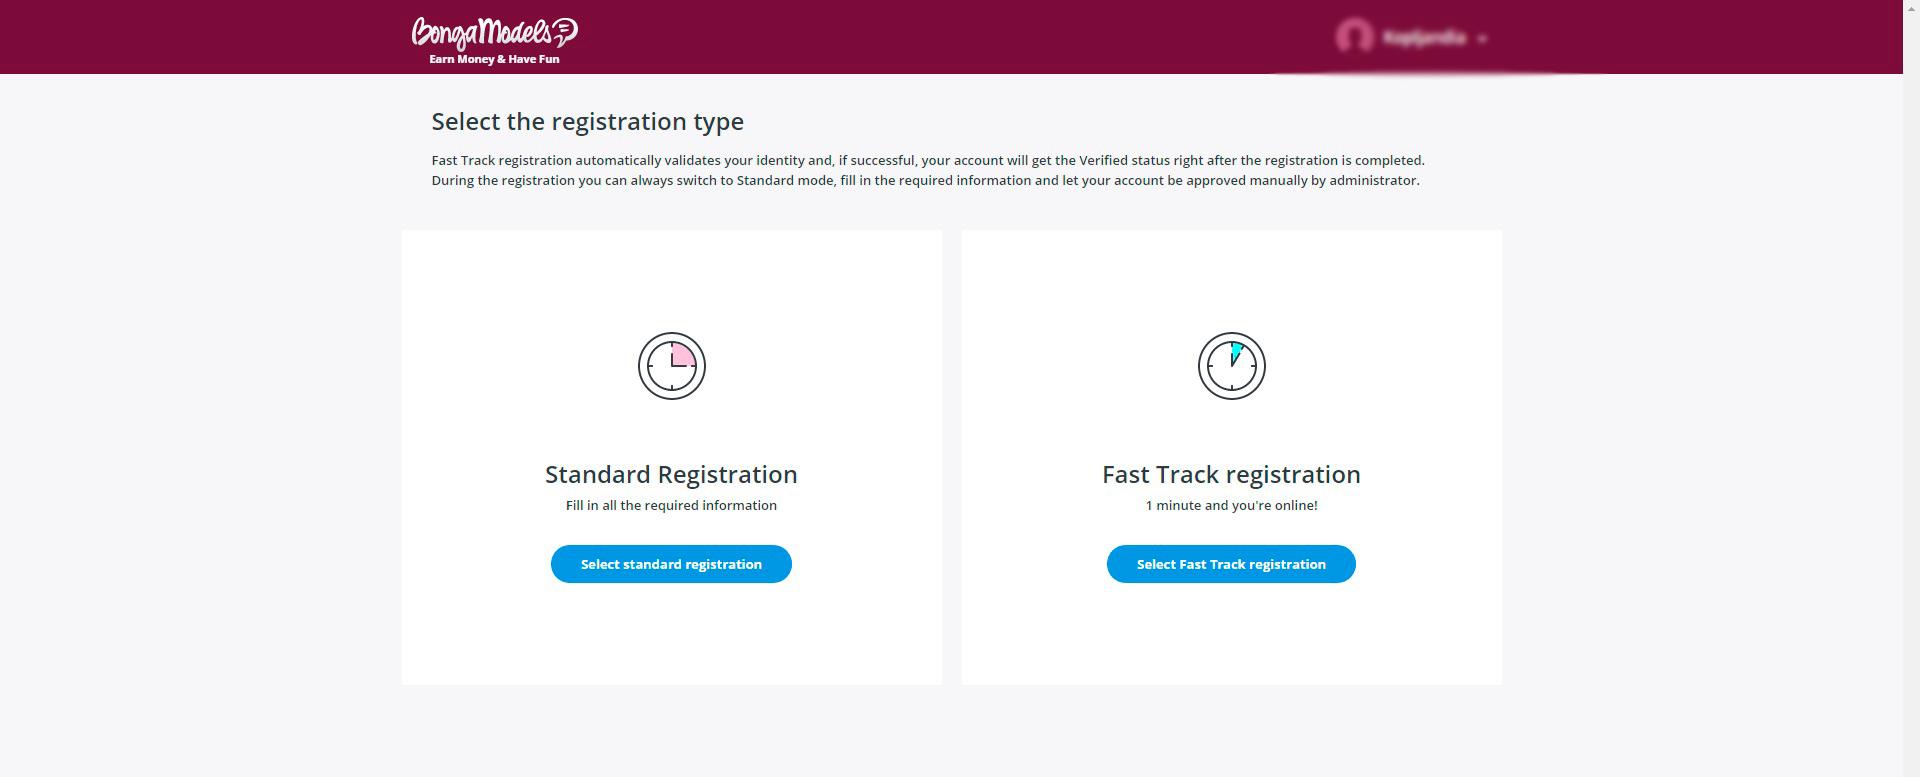 registration-type-bongamodels